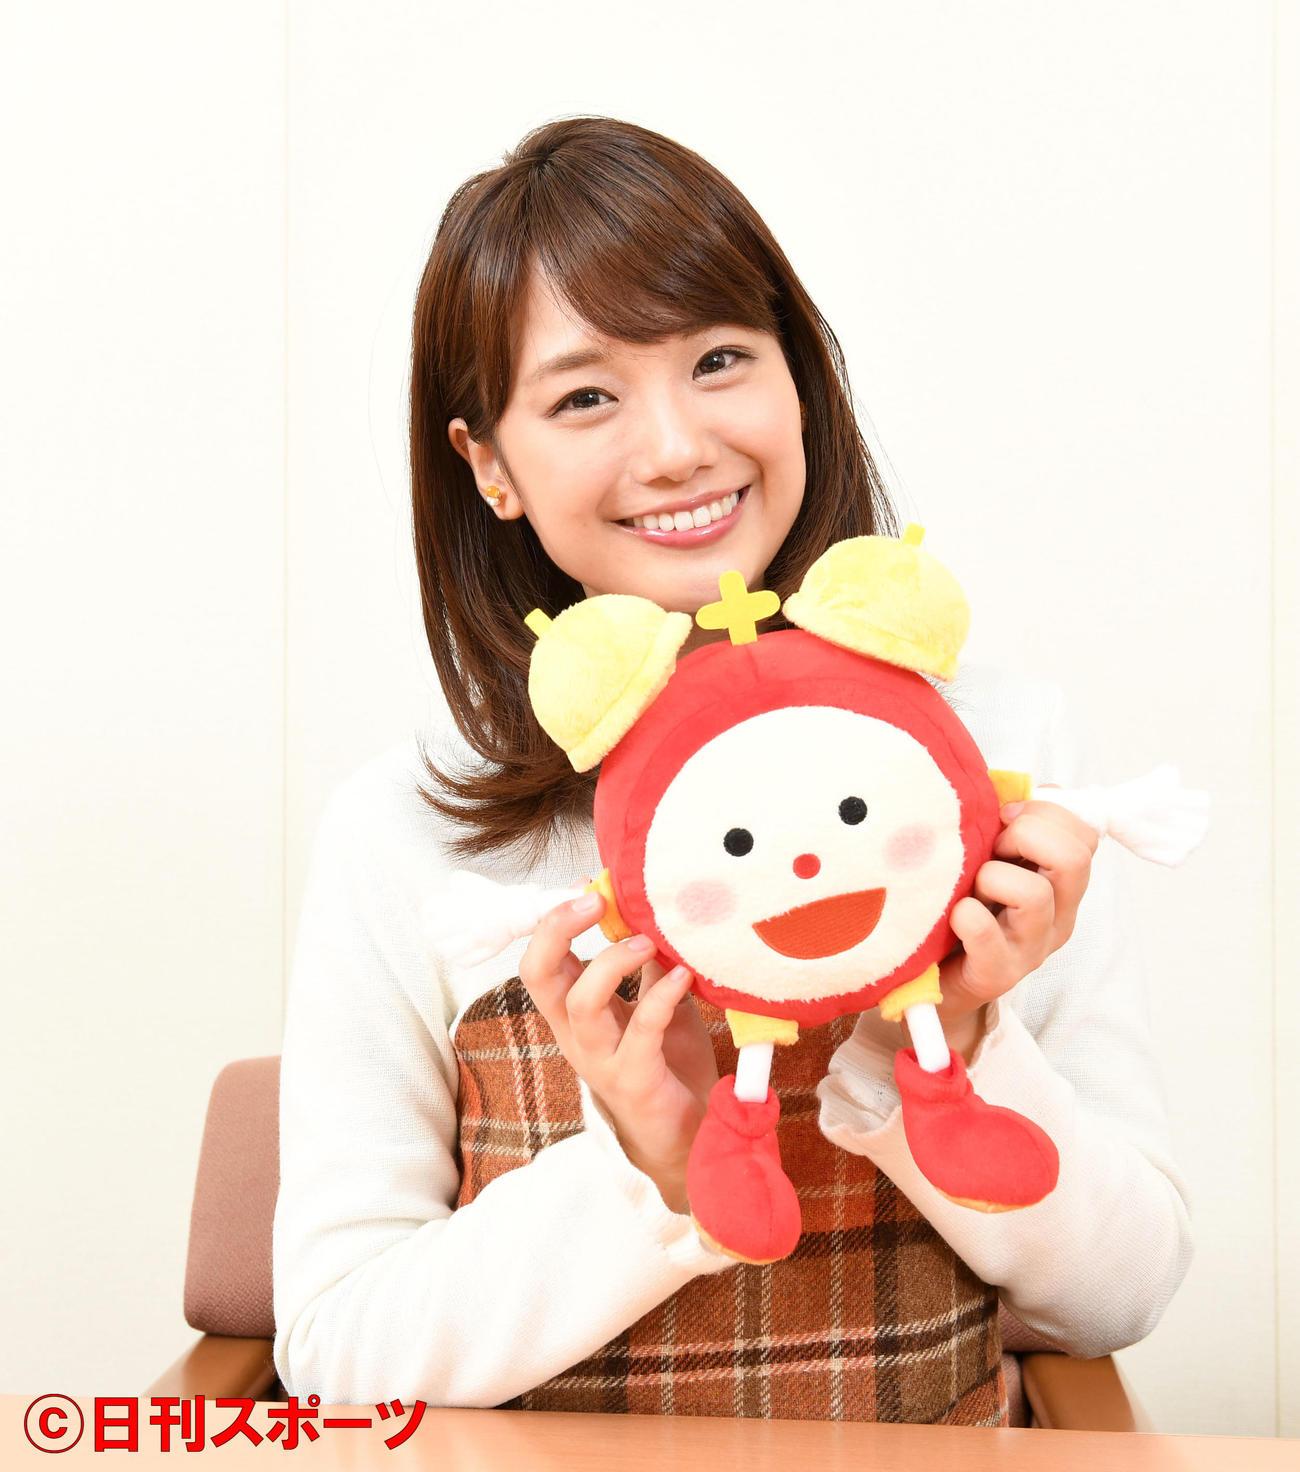 【めざまし】 女子アナ+α 2018/11/01(木) 【テレビ】 ->画像>269枚